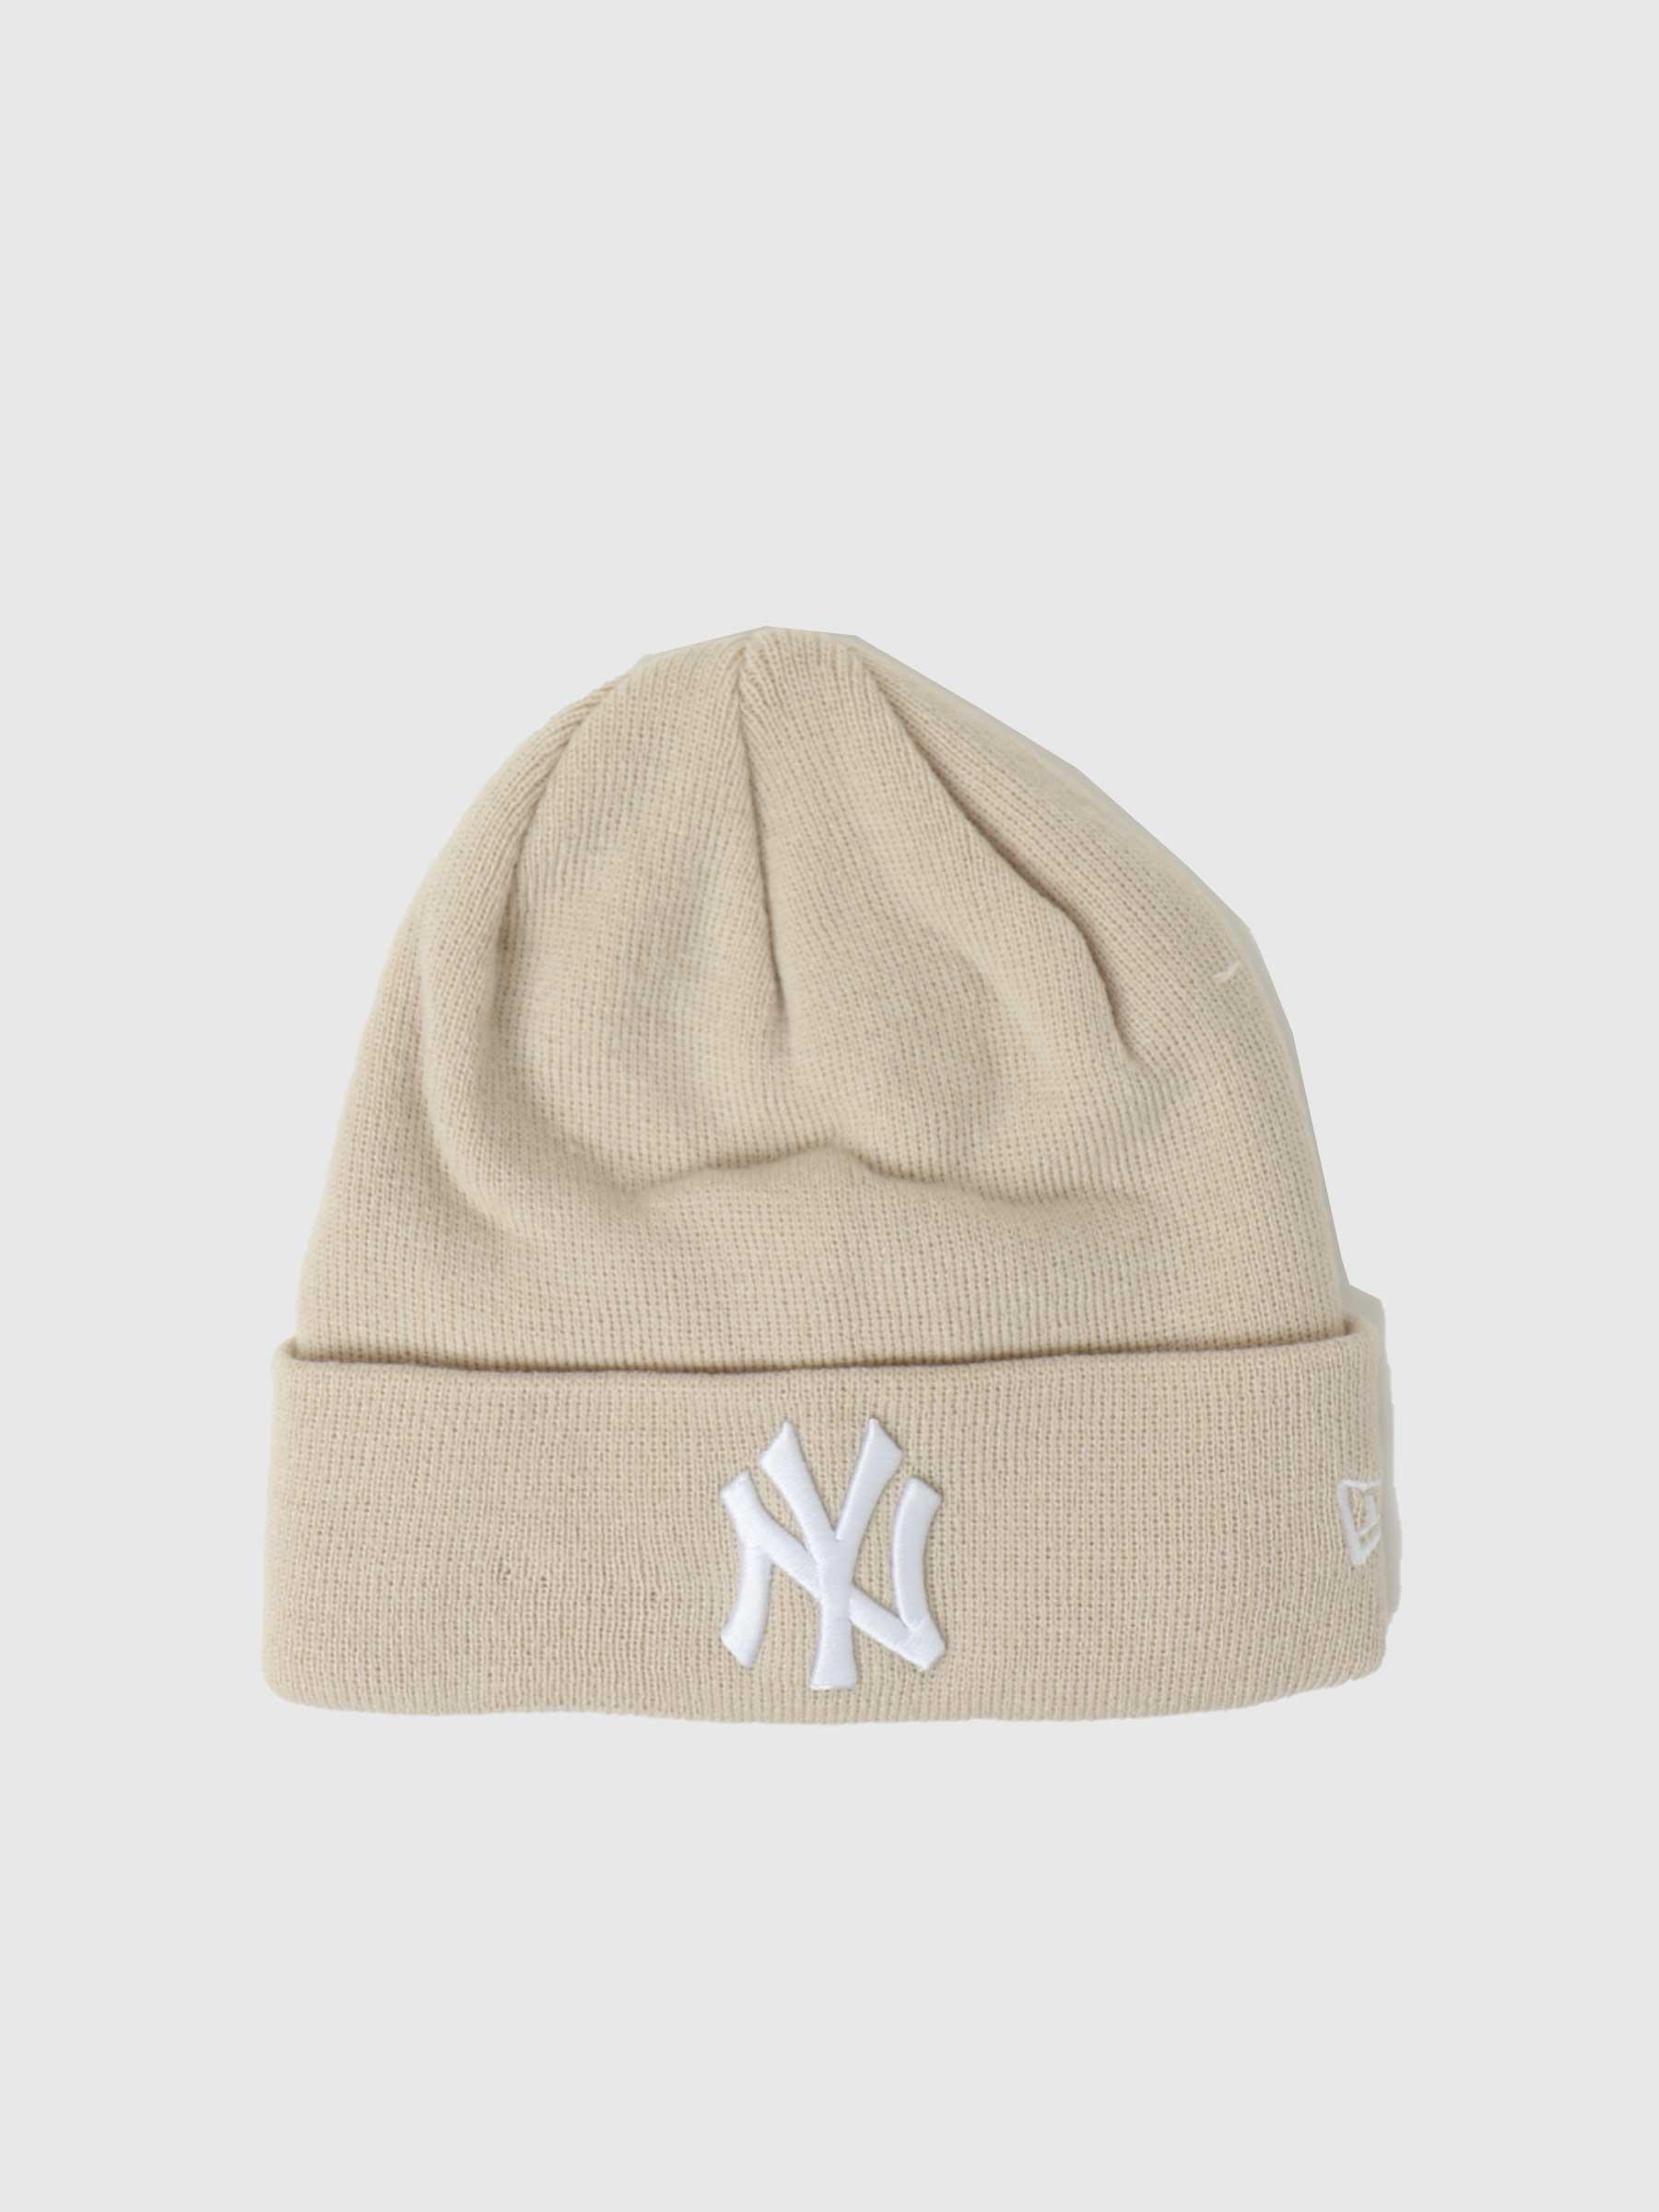 League Essential Beanie New York Yankees NE60141694